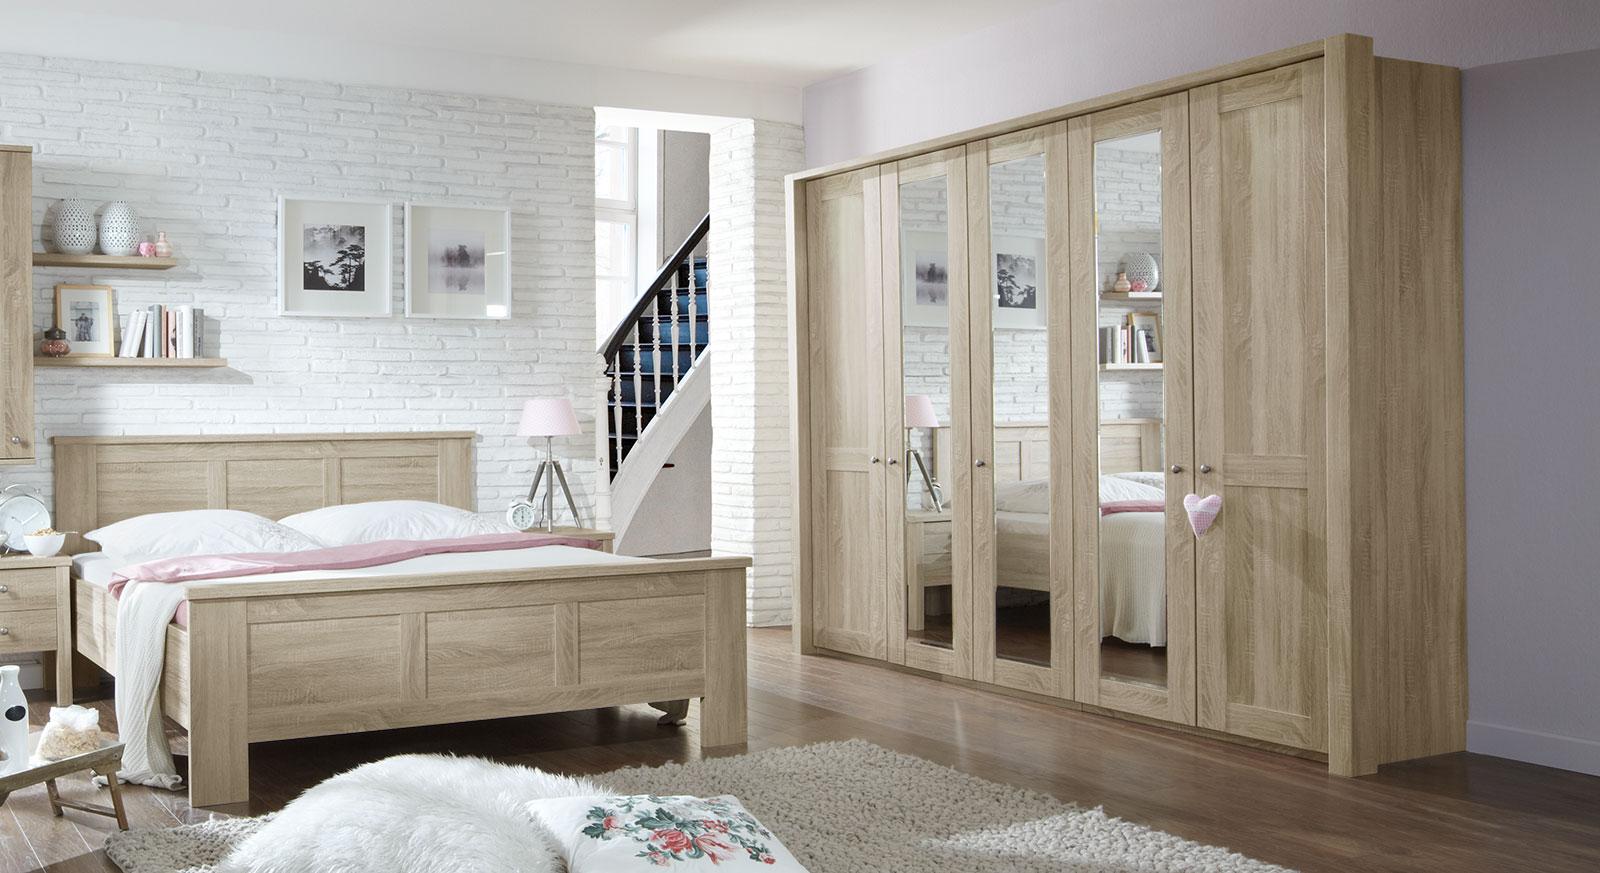 Spiegel-Drehtüren-Kleiderschrank Farim inklusive Passepartout-Rahmen